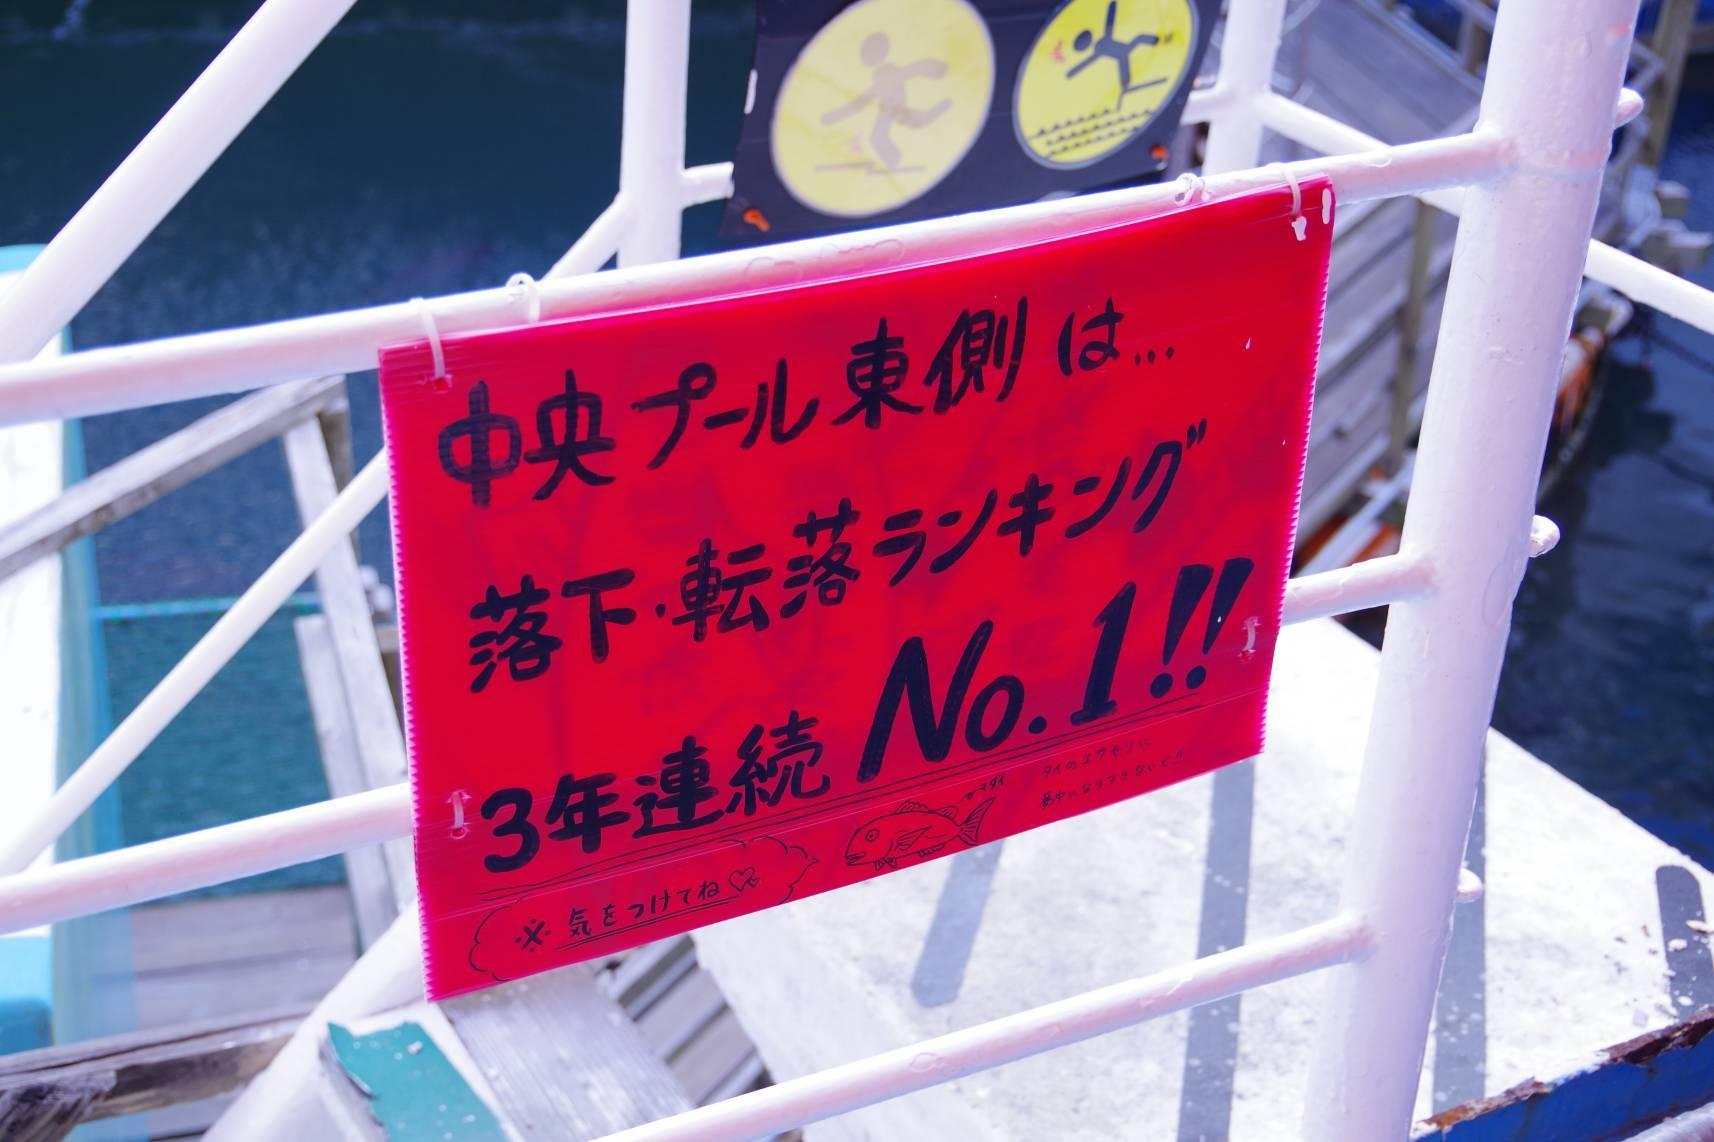 海中水族館シードーナツの注意書き